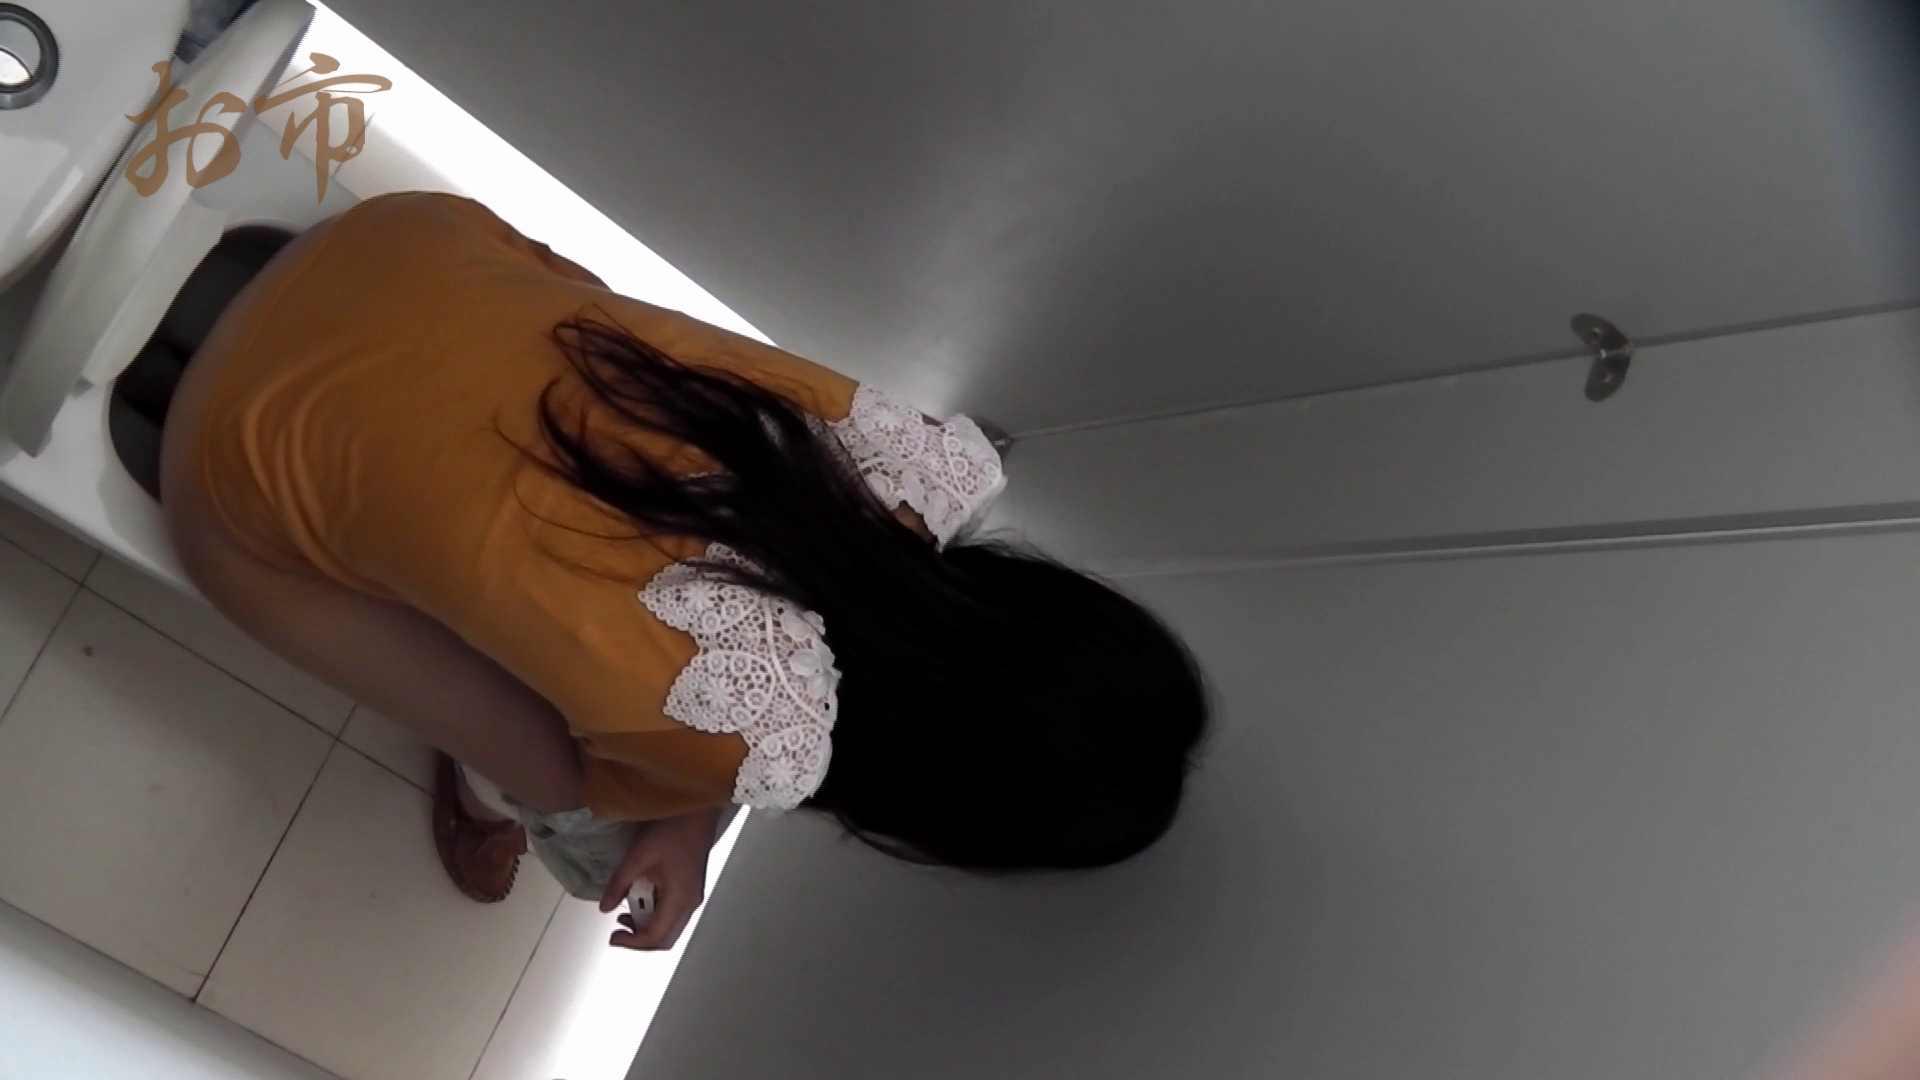 潜入!!台湾名門女学院 Vol.12 長身モデル驚き見たことないシチュエーション 洗面所シーン 性交動画流出 53画像 13